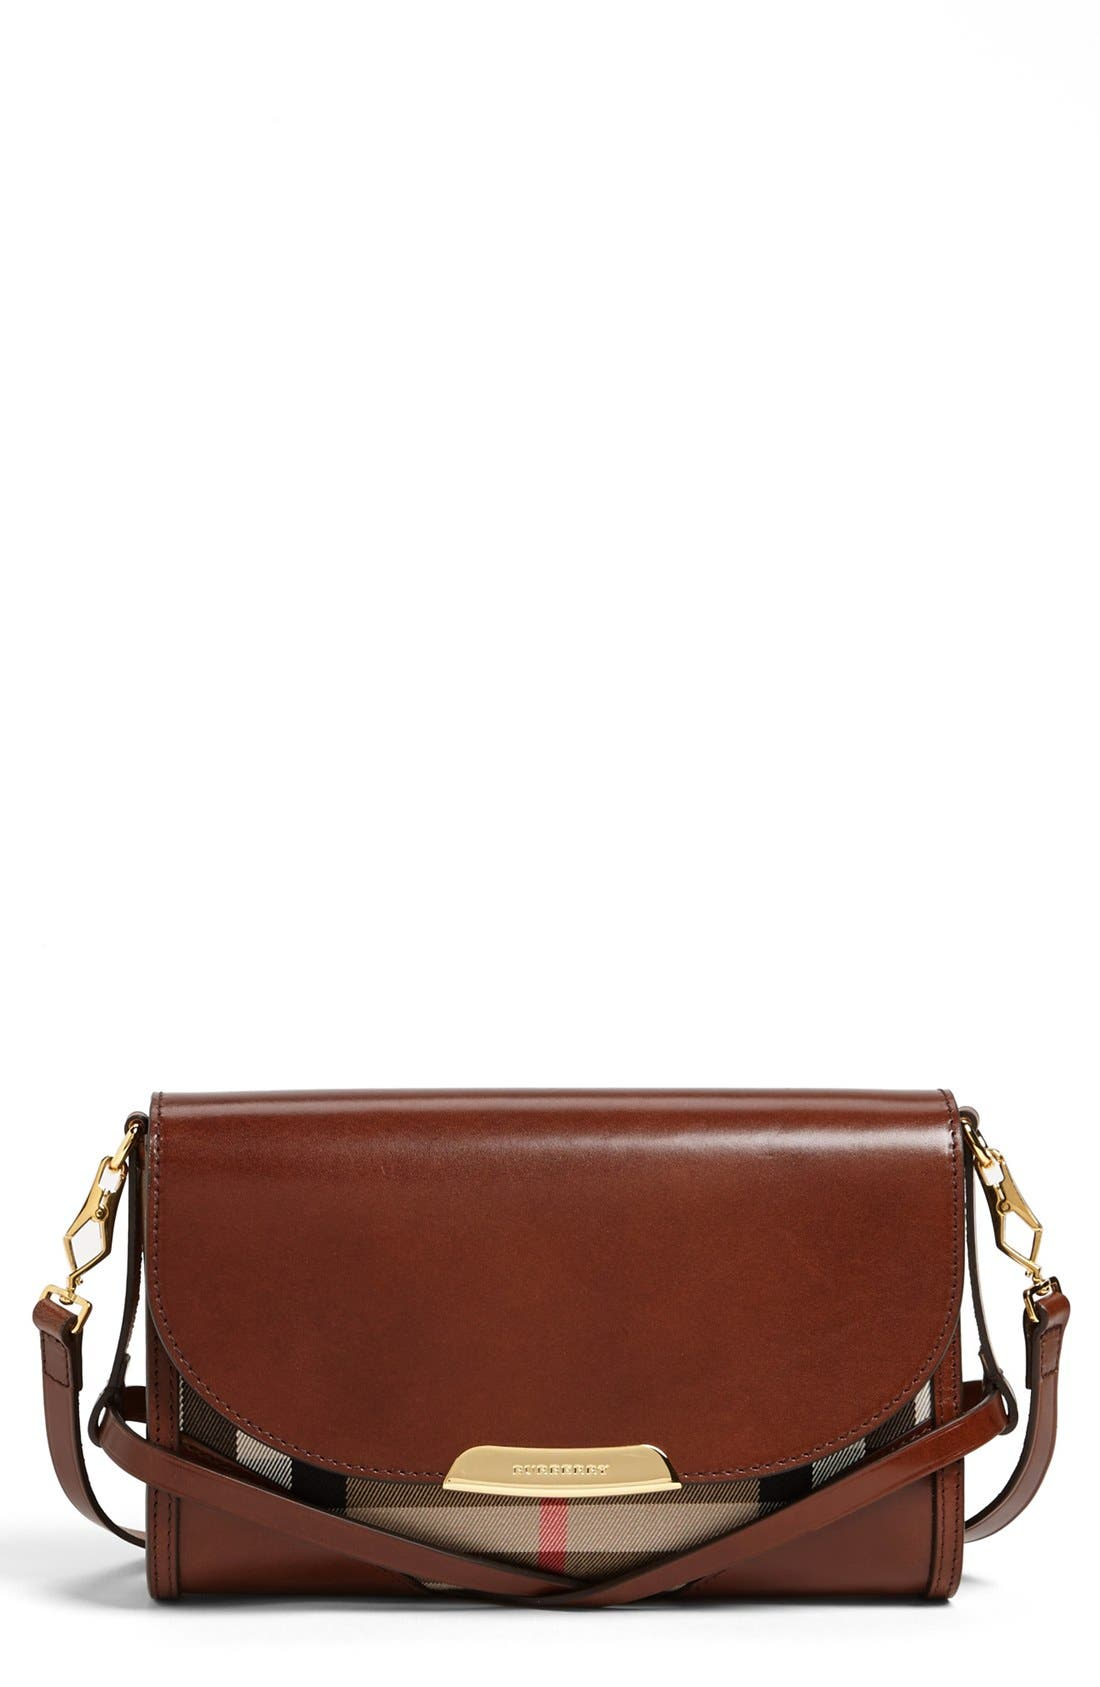 Main Image - Burberry 'House Check' Crossbody Bag